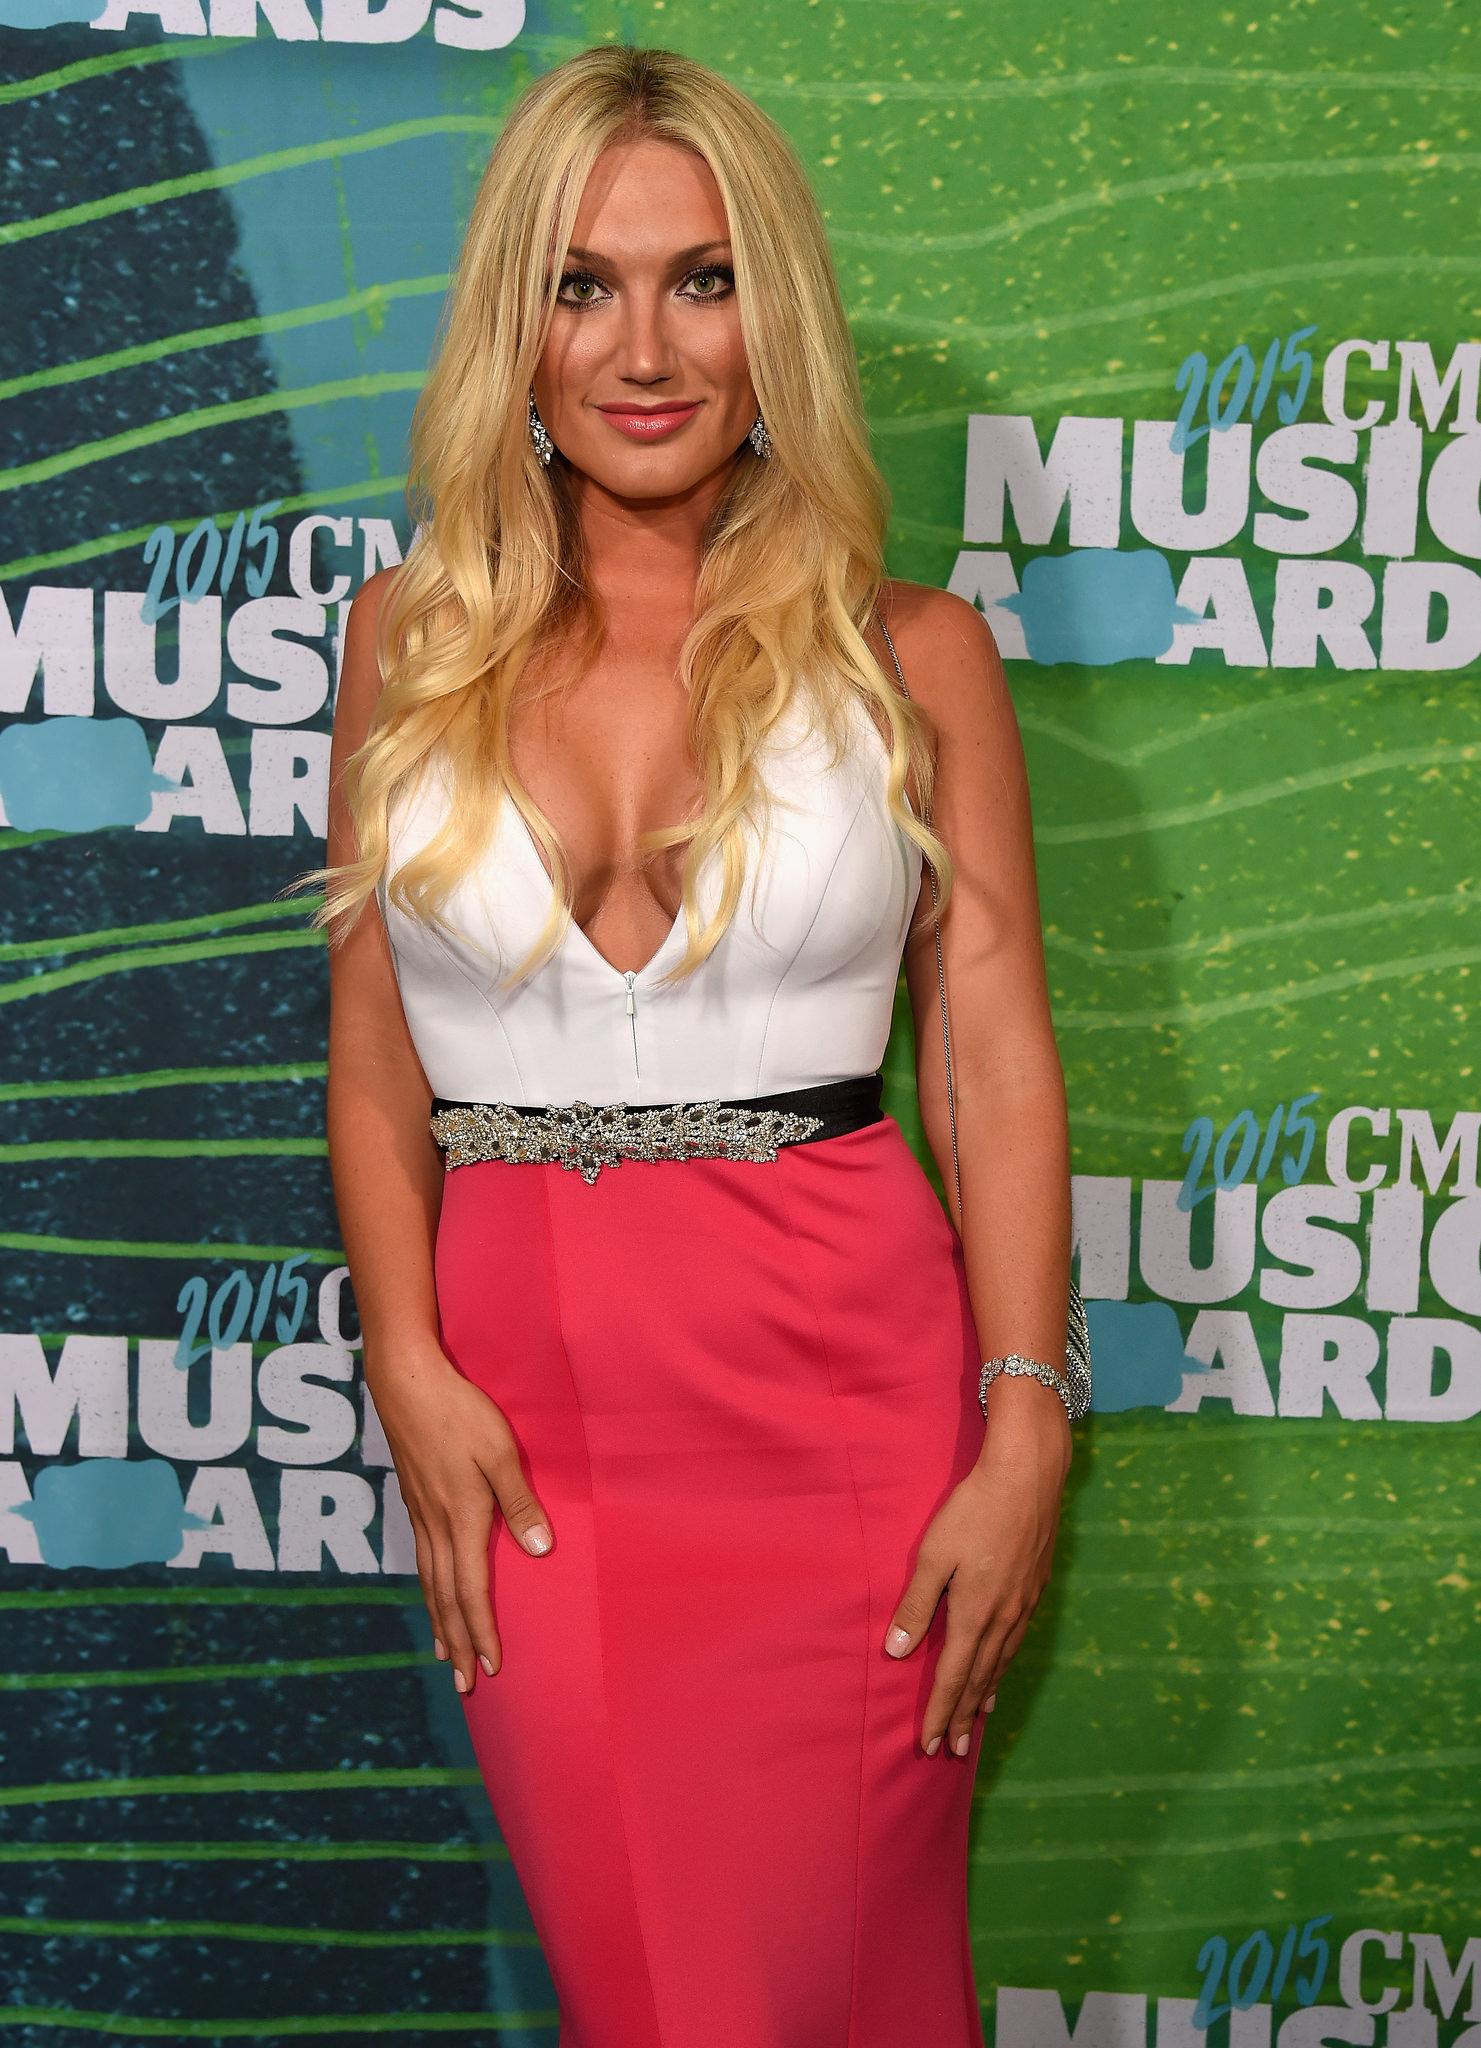 Brooke Hogan - 2015 CMT Music Awards in Nashville